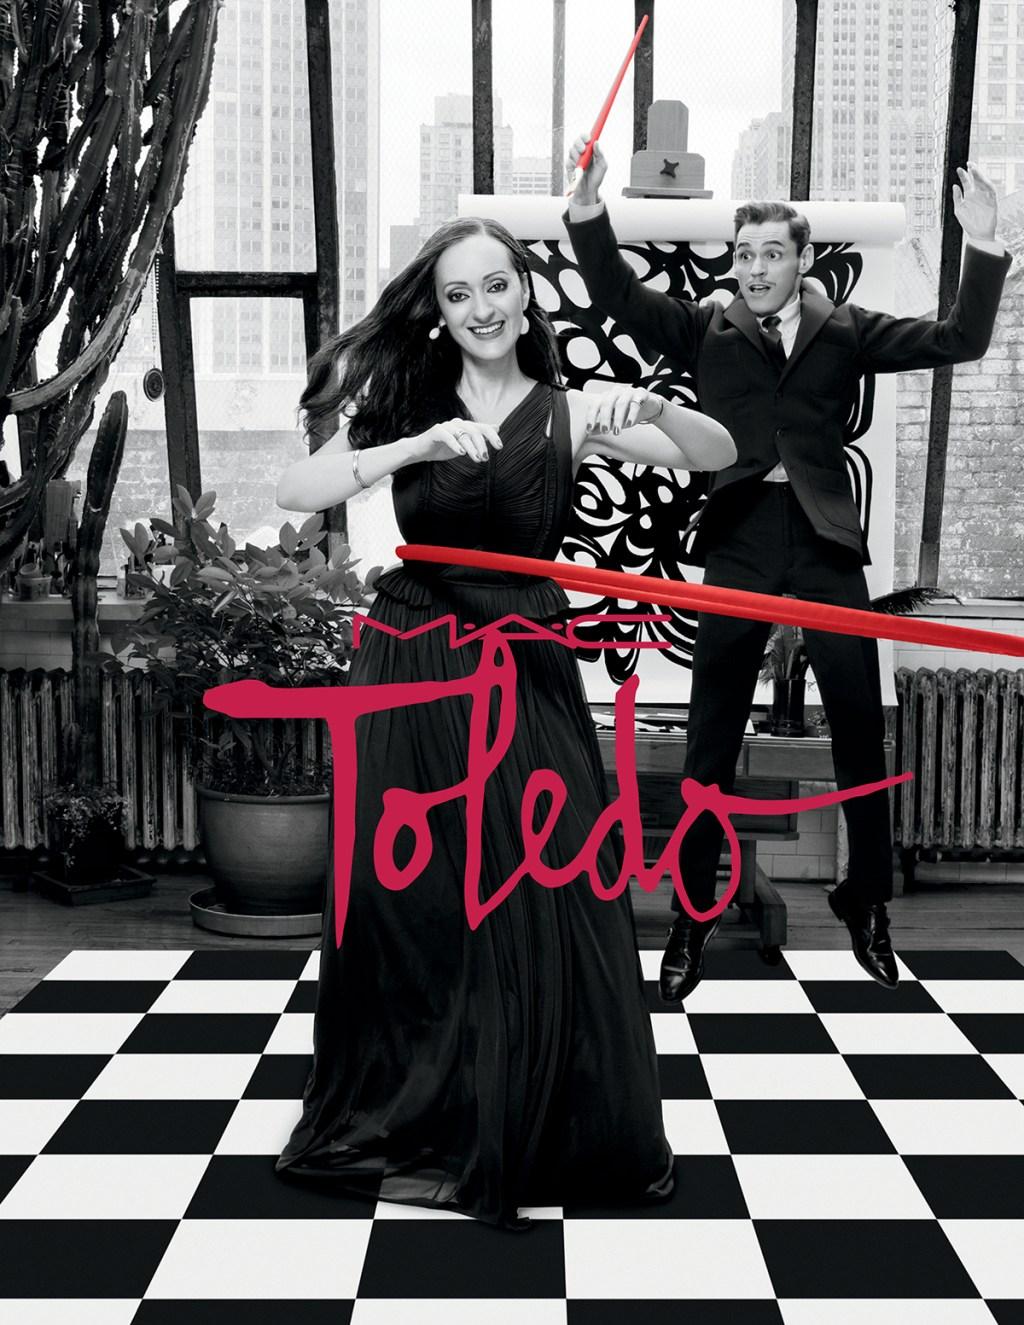 Toledo_2550x3301_Beauty